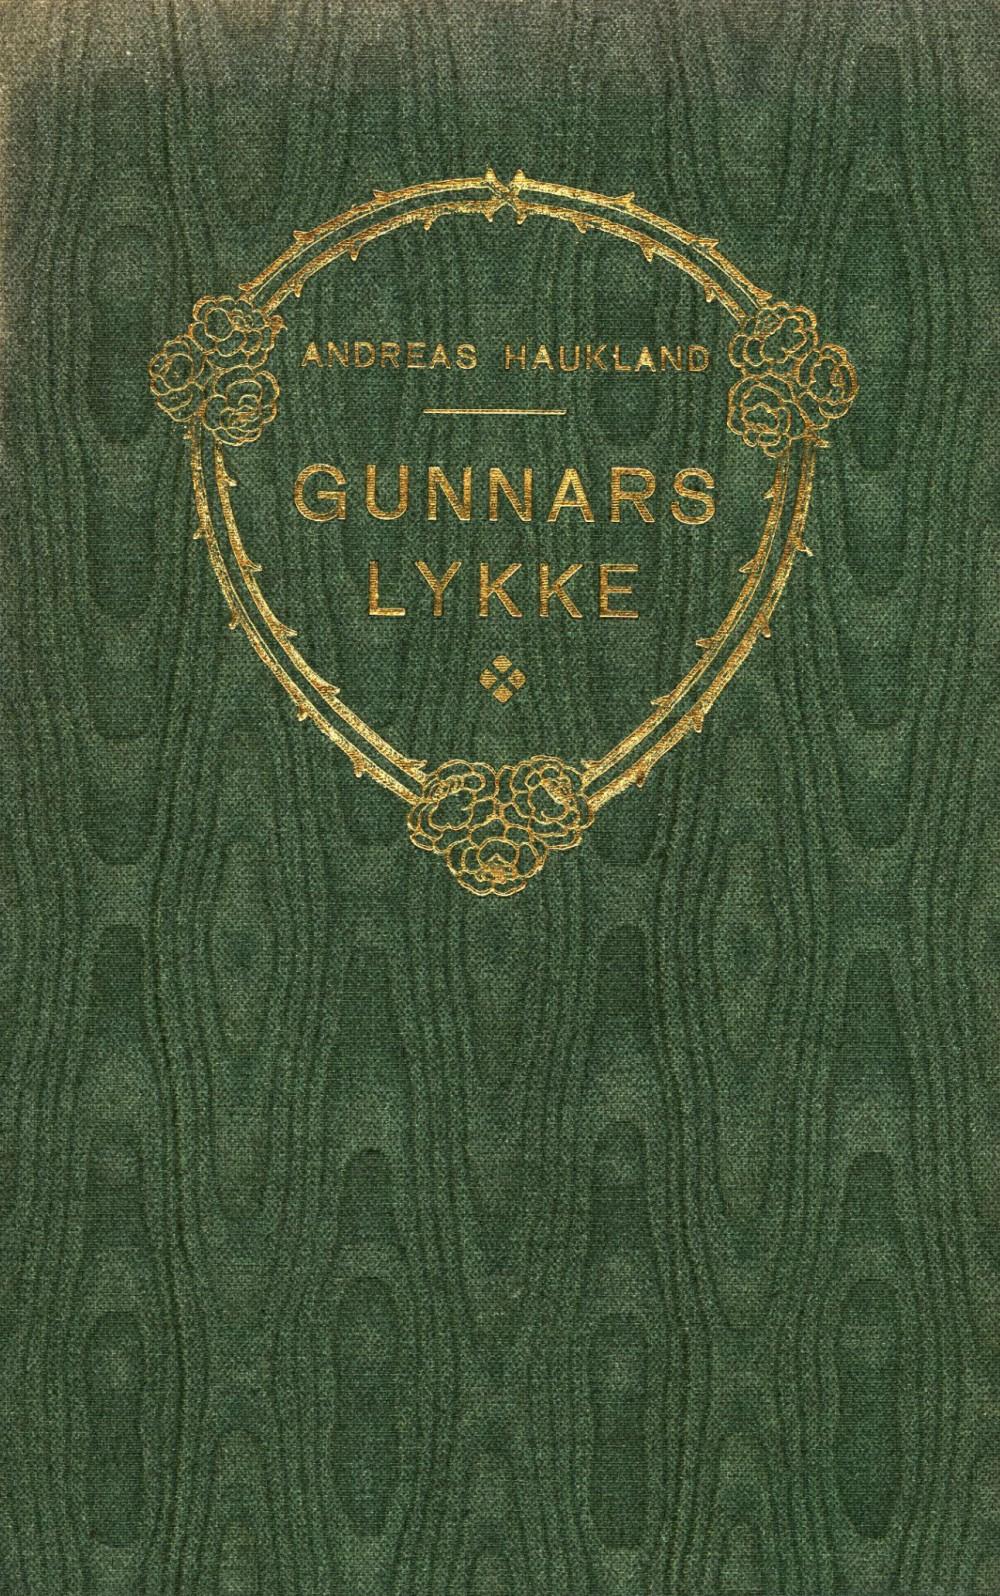 Andreas Haukland: Gunnars lykke - En fortælling